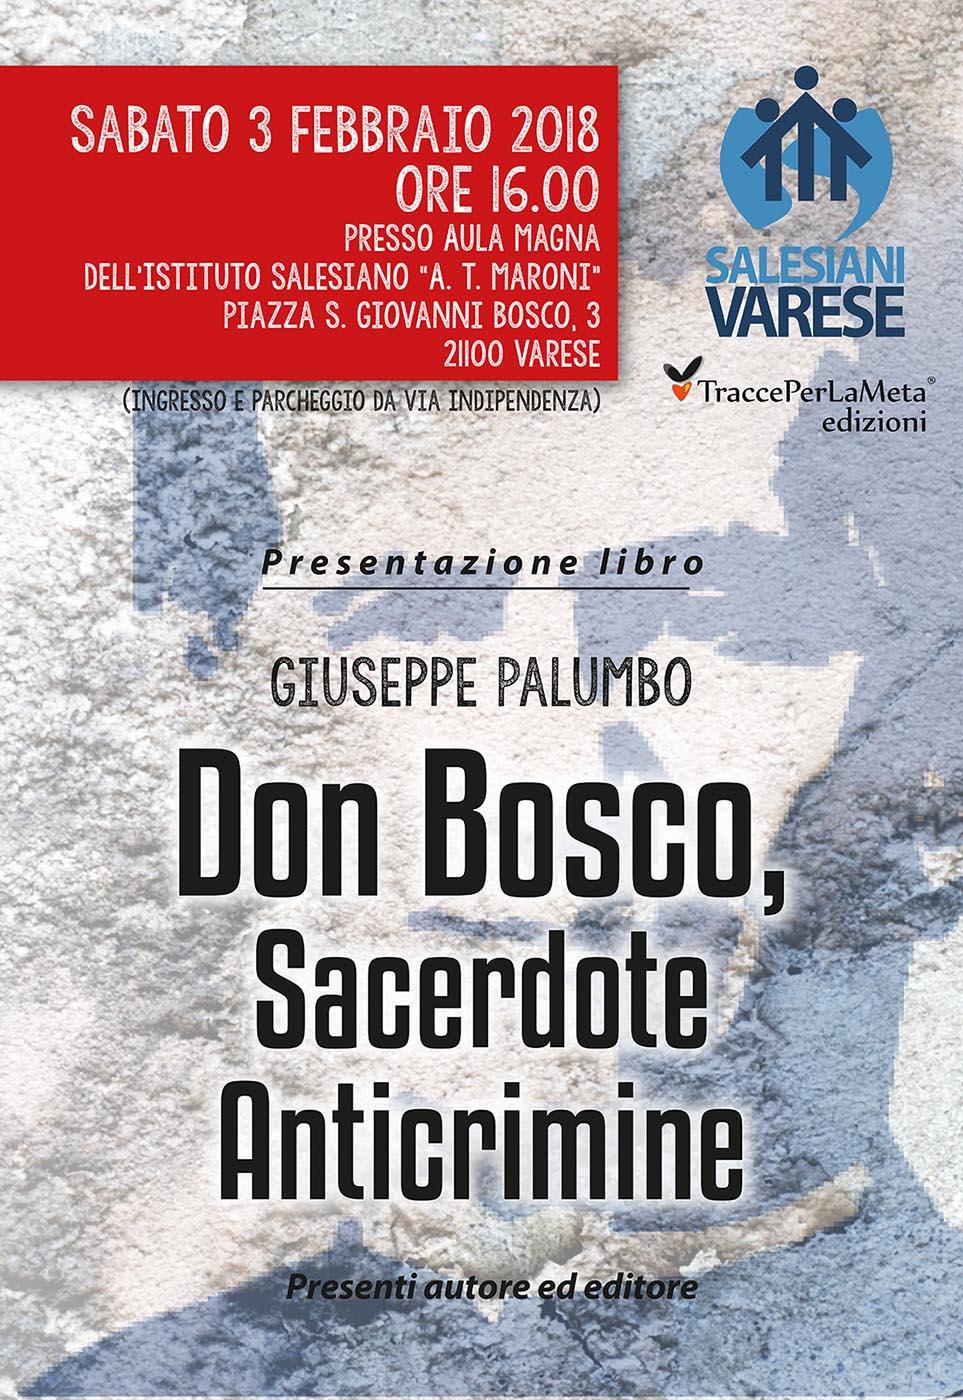 """3.2.2018 – Presentazione Libro """"Don Bosco, Sacerdote Anticrimine"""" di Giuseppe Palumbo"""